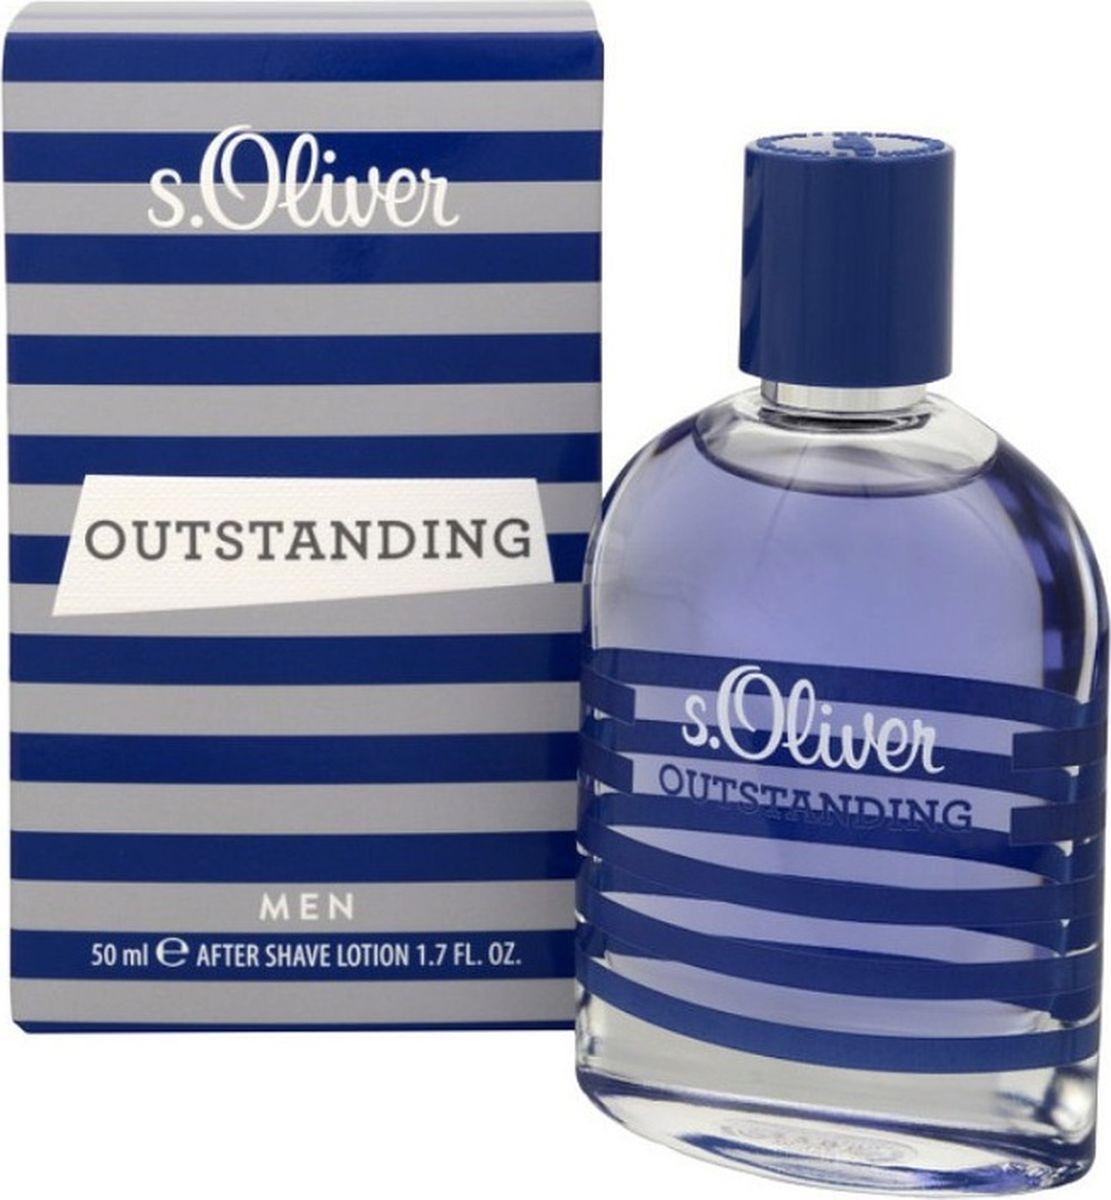 S.oliver Outstanding Men Туалетная вода 50 мл9Outstanding Men s.Oliver - это аромат для мужчин, принадлежит к группе ароматов древесные фужерные. s.Oliver Outstanding дарит уникальную возможность наслаждаться нестандартным стилем, создавать собственный мир.